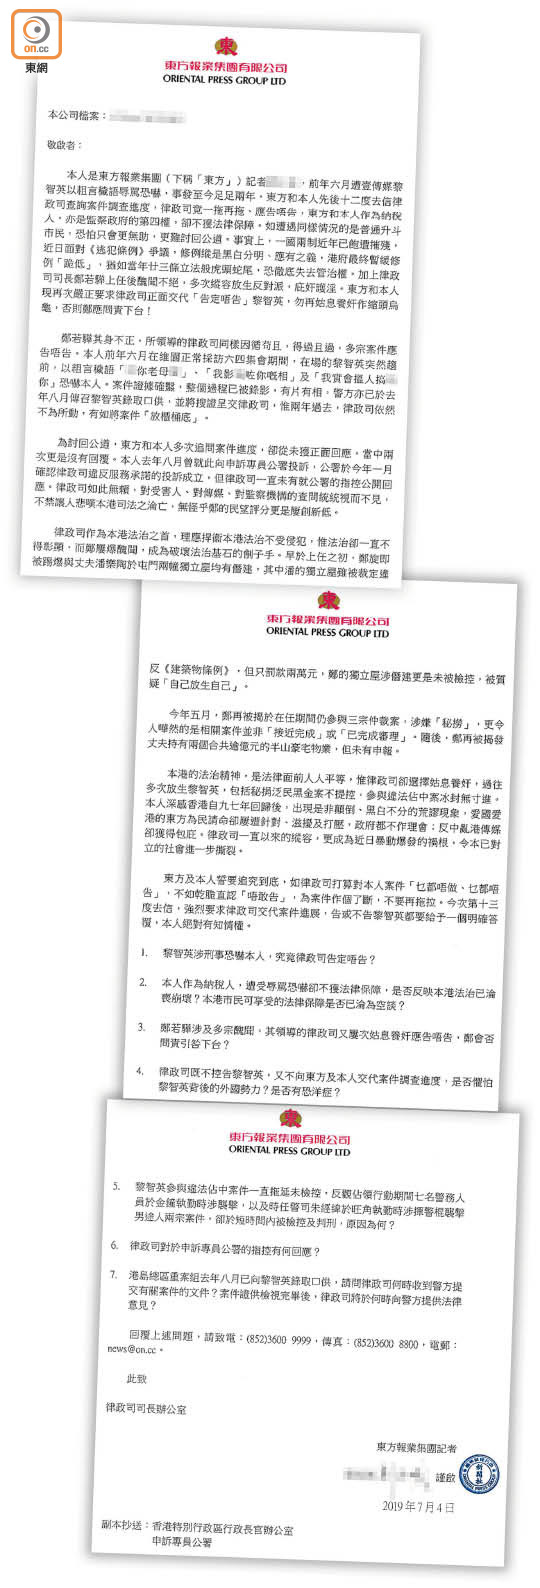 告定唔告黎智英 律政司變推政司 卸責警方 漠視法治 - 東方日報